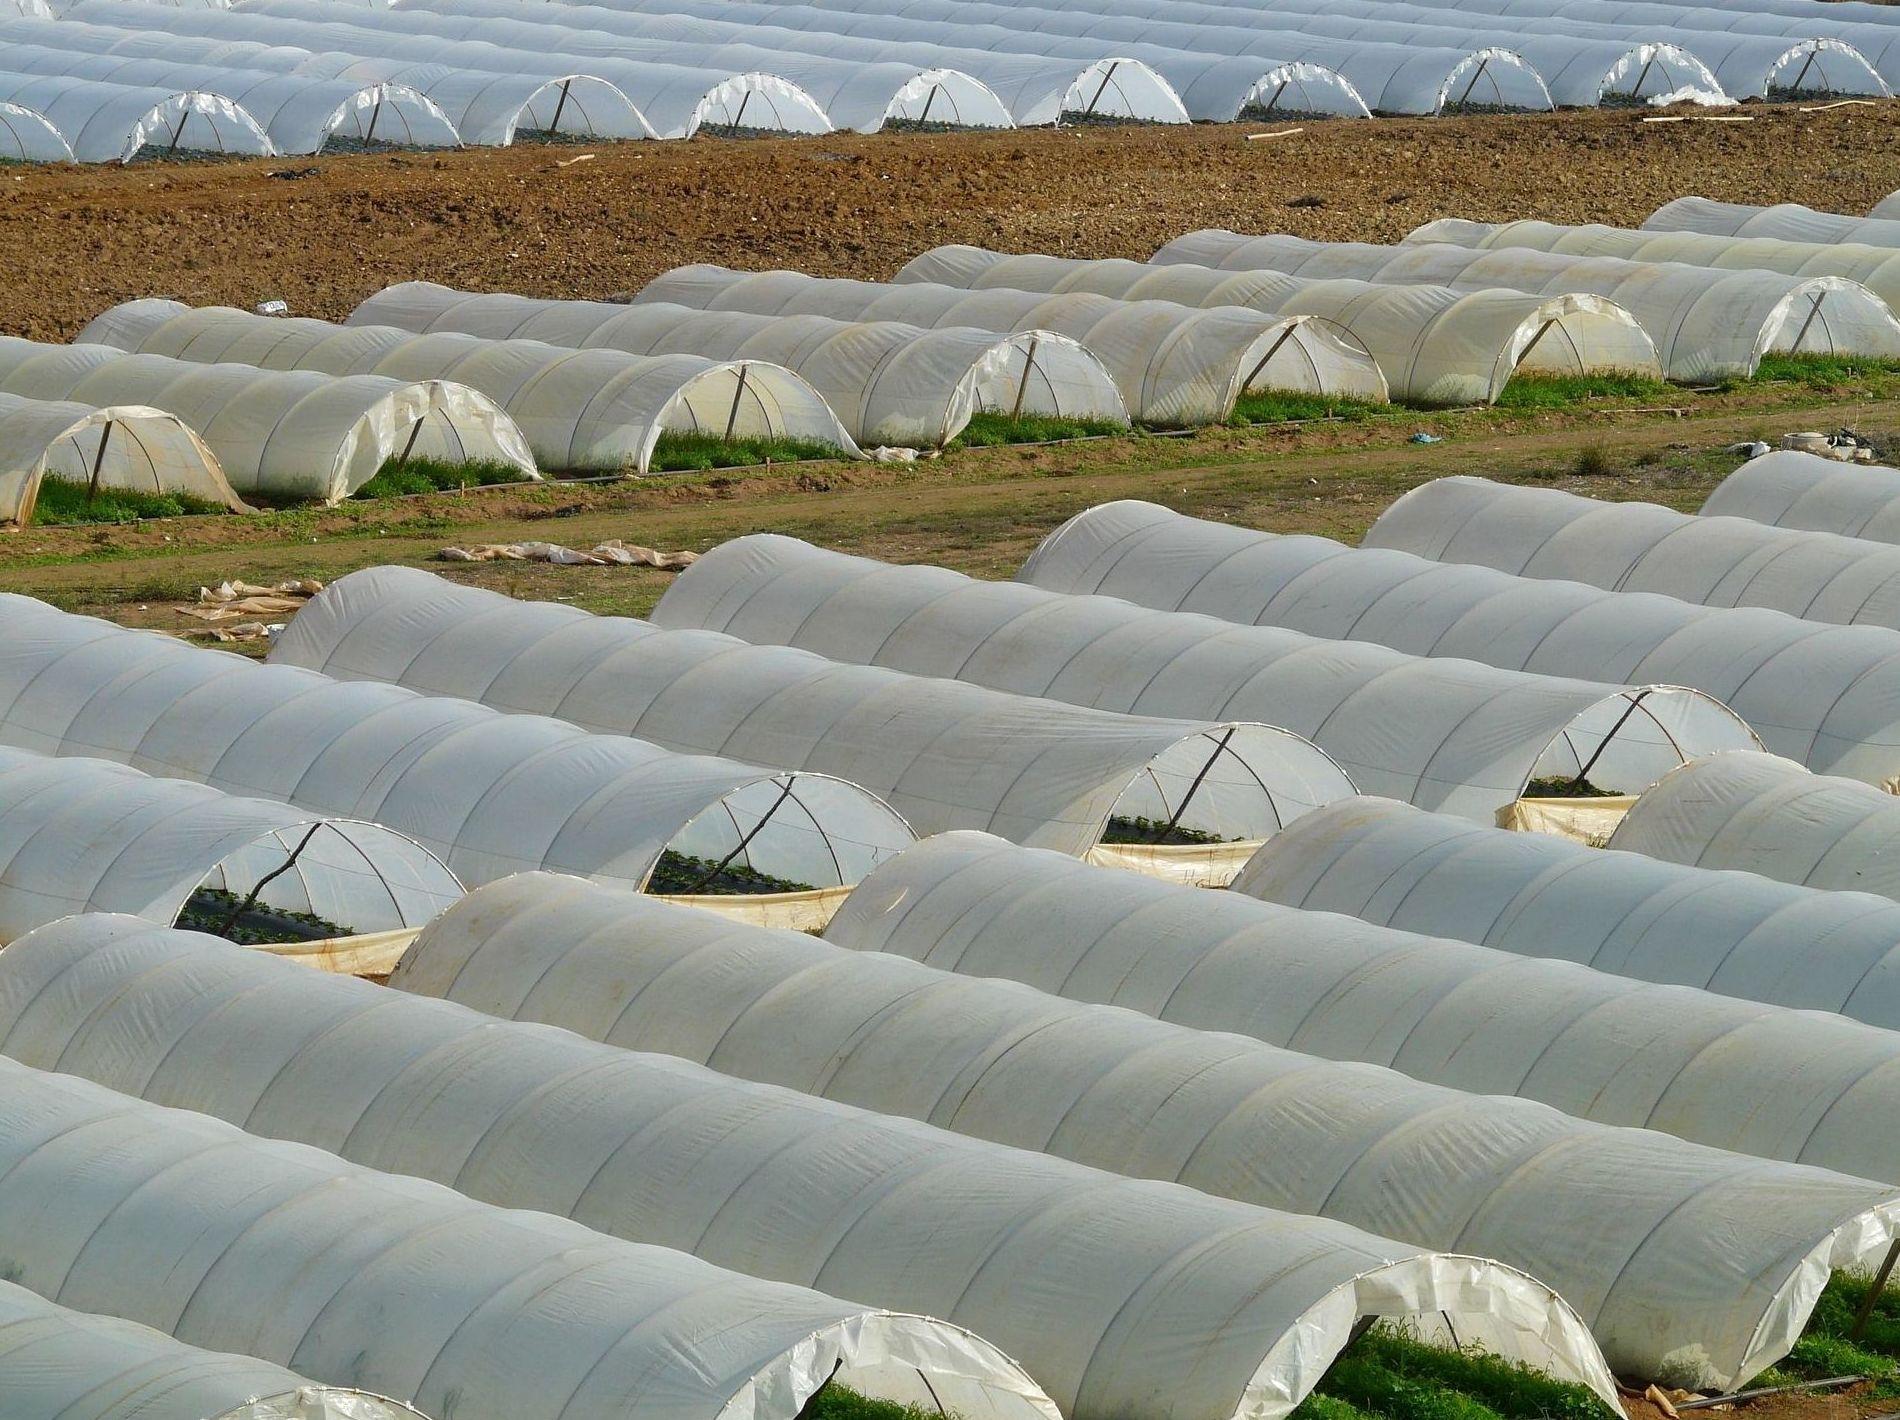 Venta de plásticos para cubiertas de invernaderos: Servicios de Suministros El Parque